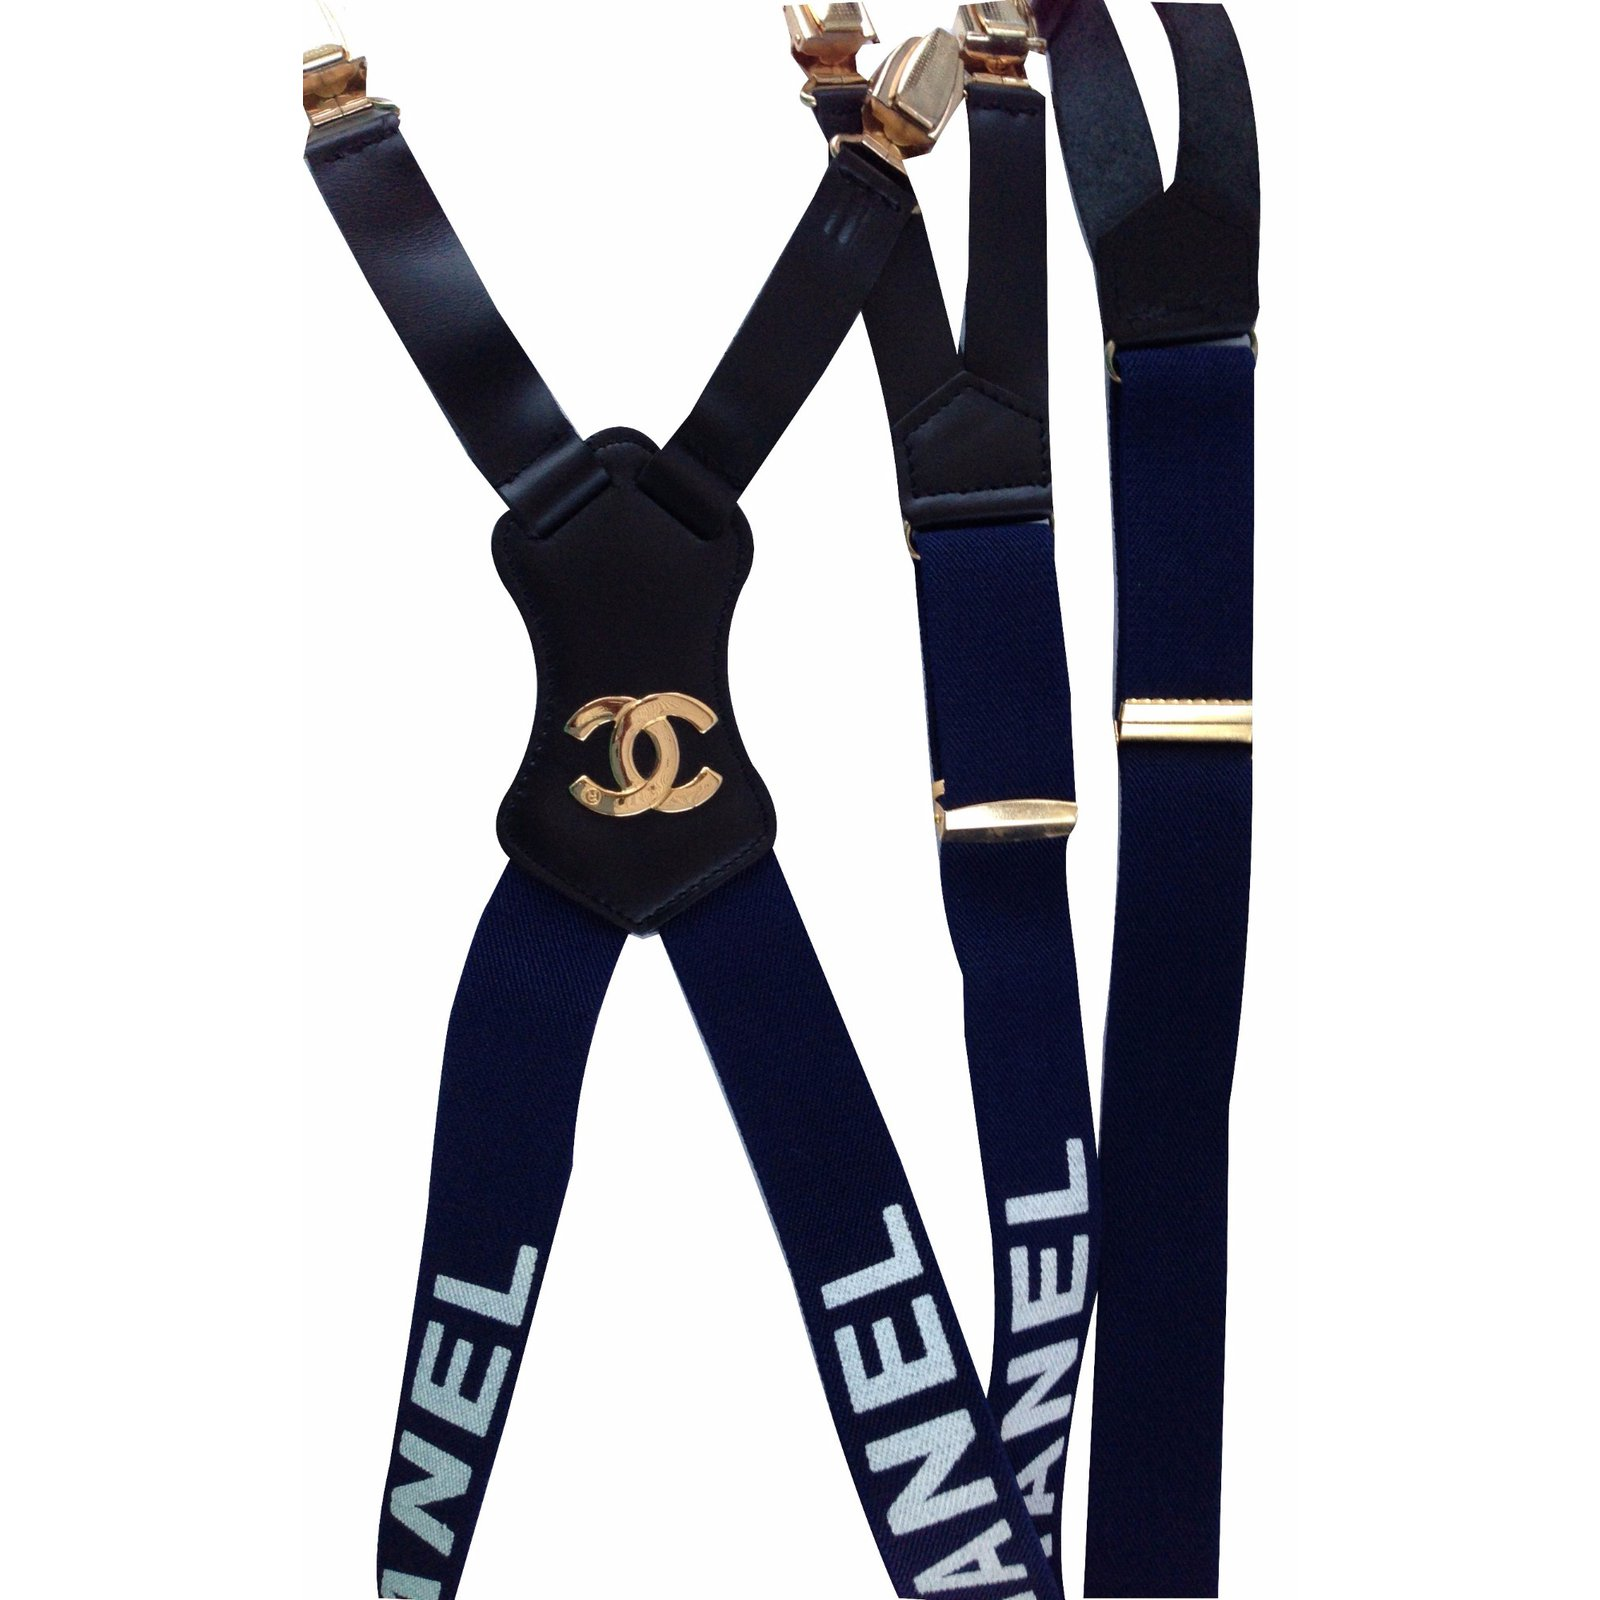 Ceintures Chanel Bretelles Chanel Synthétique Bleu ref.17450 0c5764c8eb2